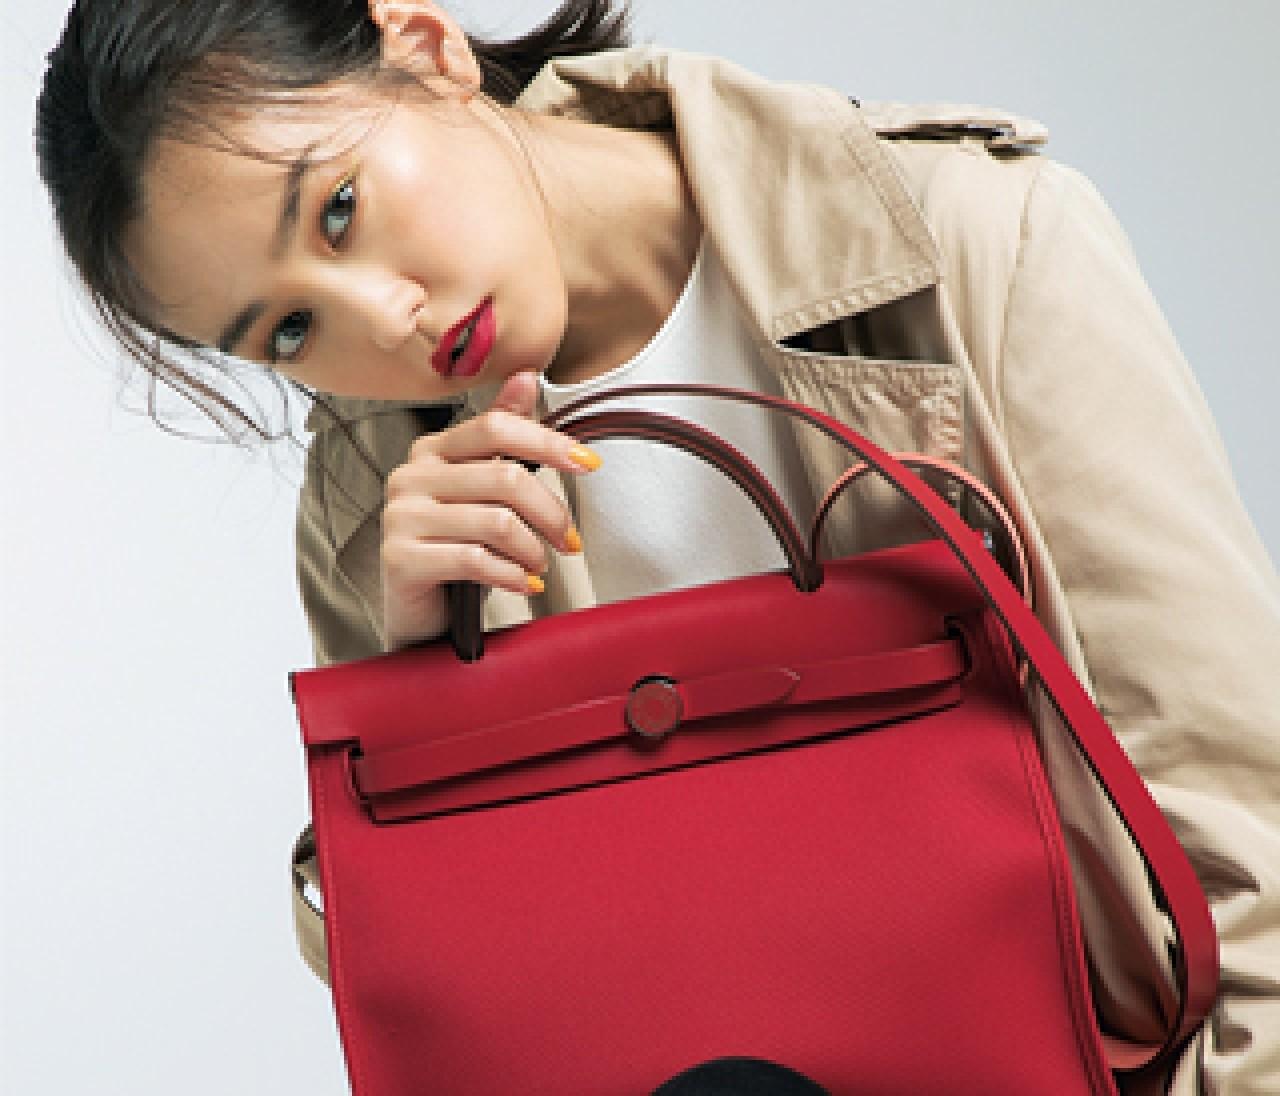 【エルメス(HERMÈS)】の春新作。長く使える極上のバッグ・財布をチェック